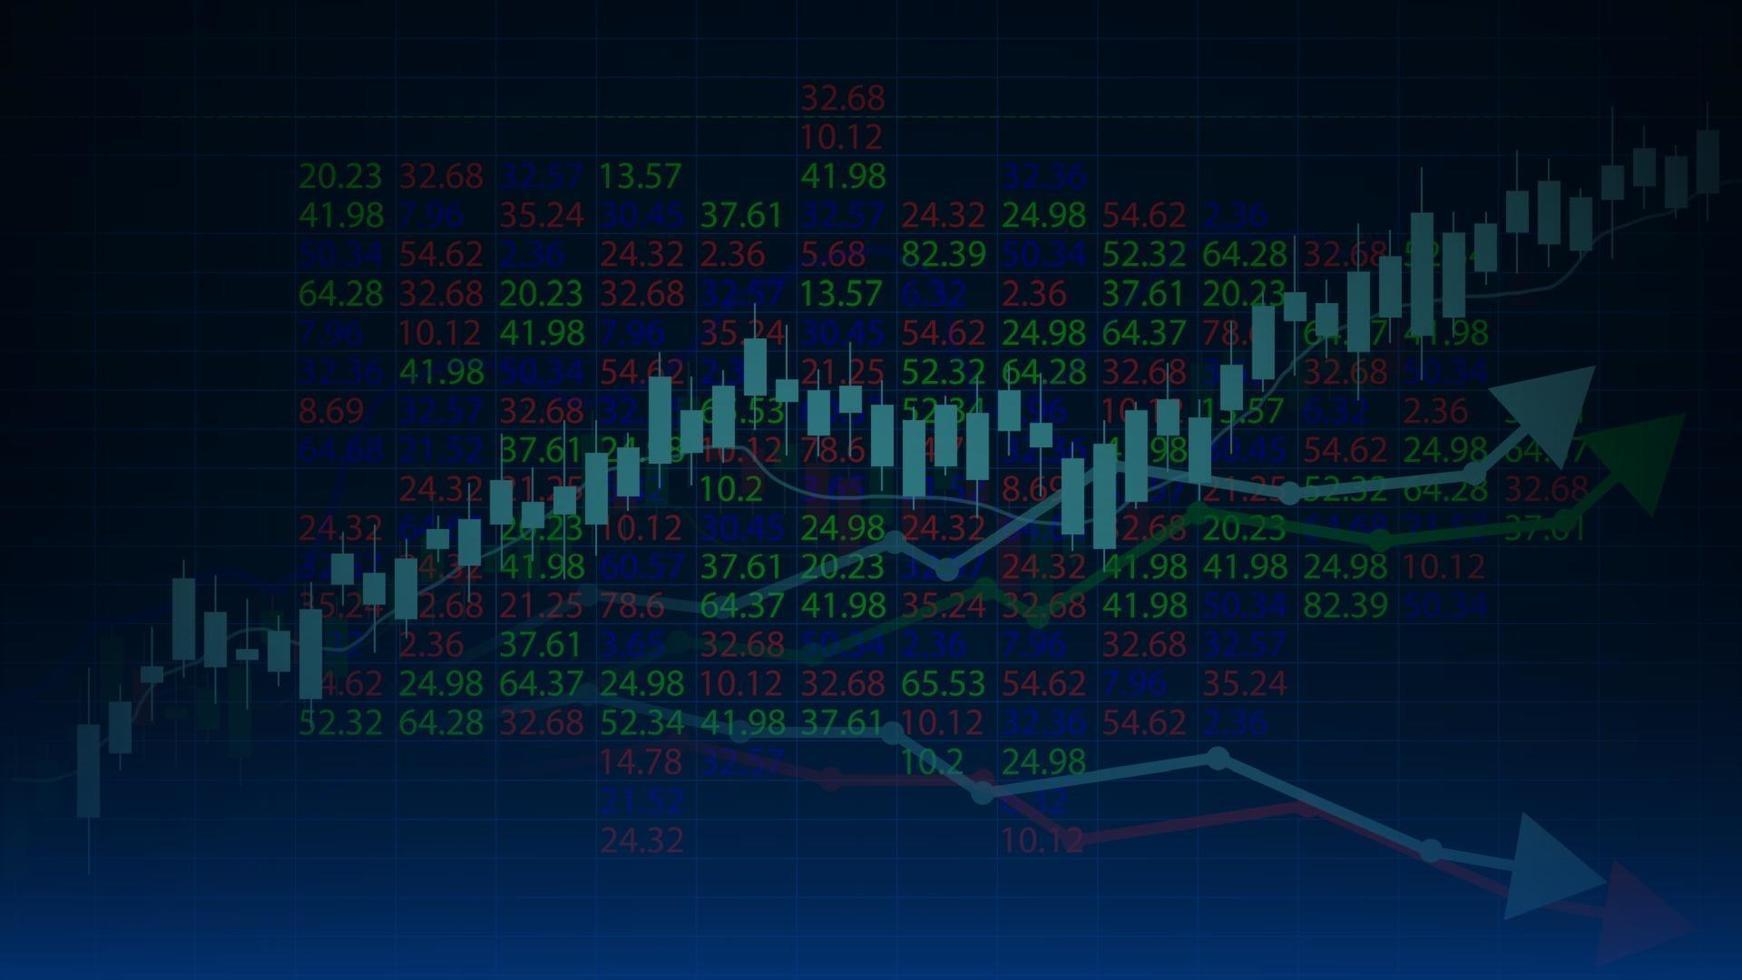 Börsendiagramm Handelsdiagramm für Geschäfts- und Finanzkonzepte, Vektorillustration vektor